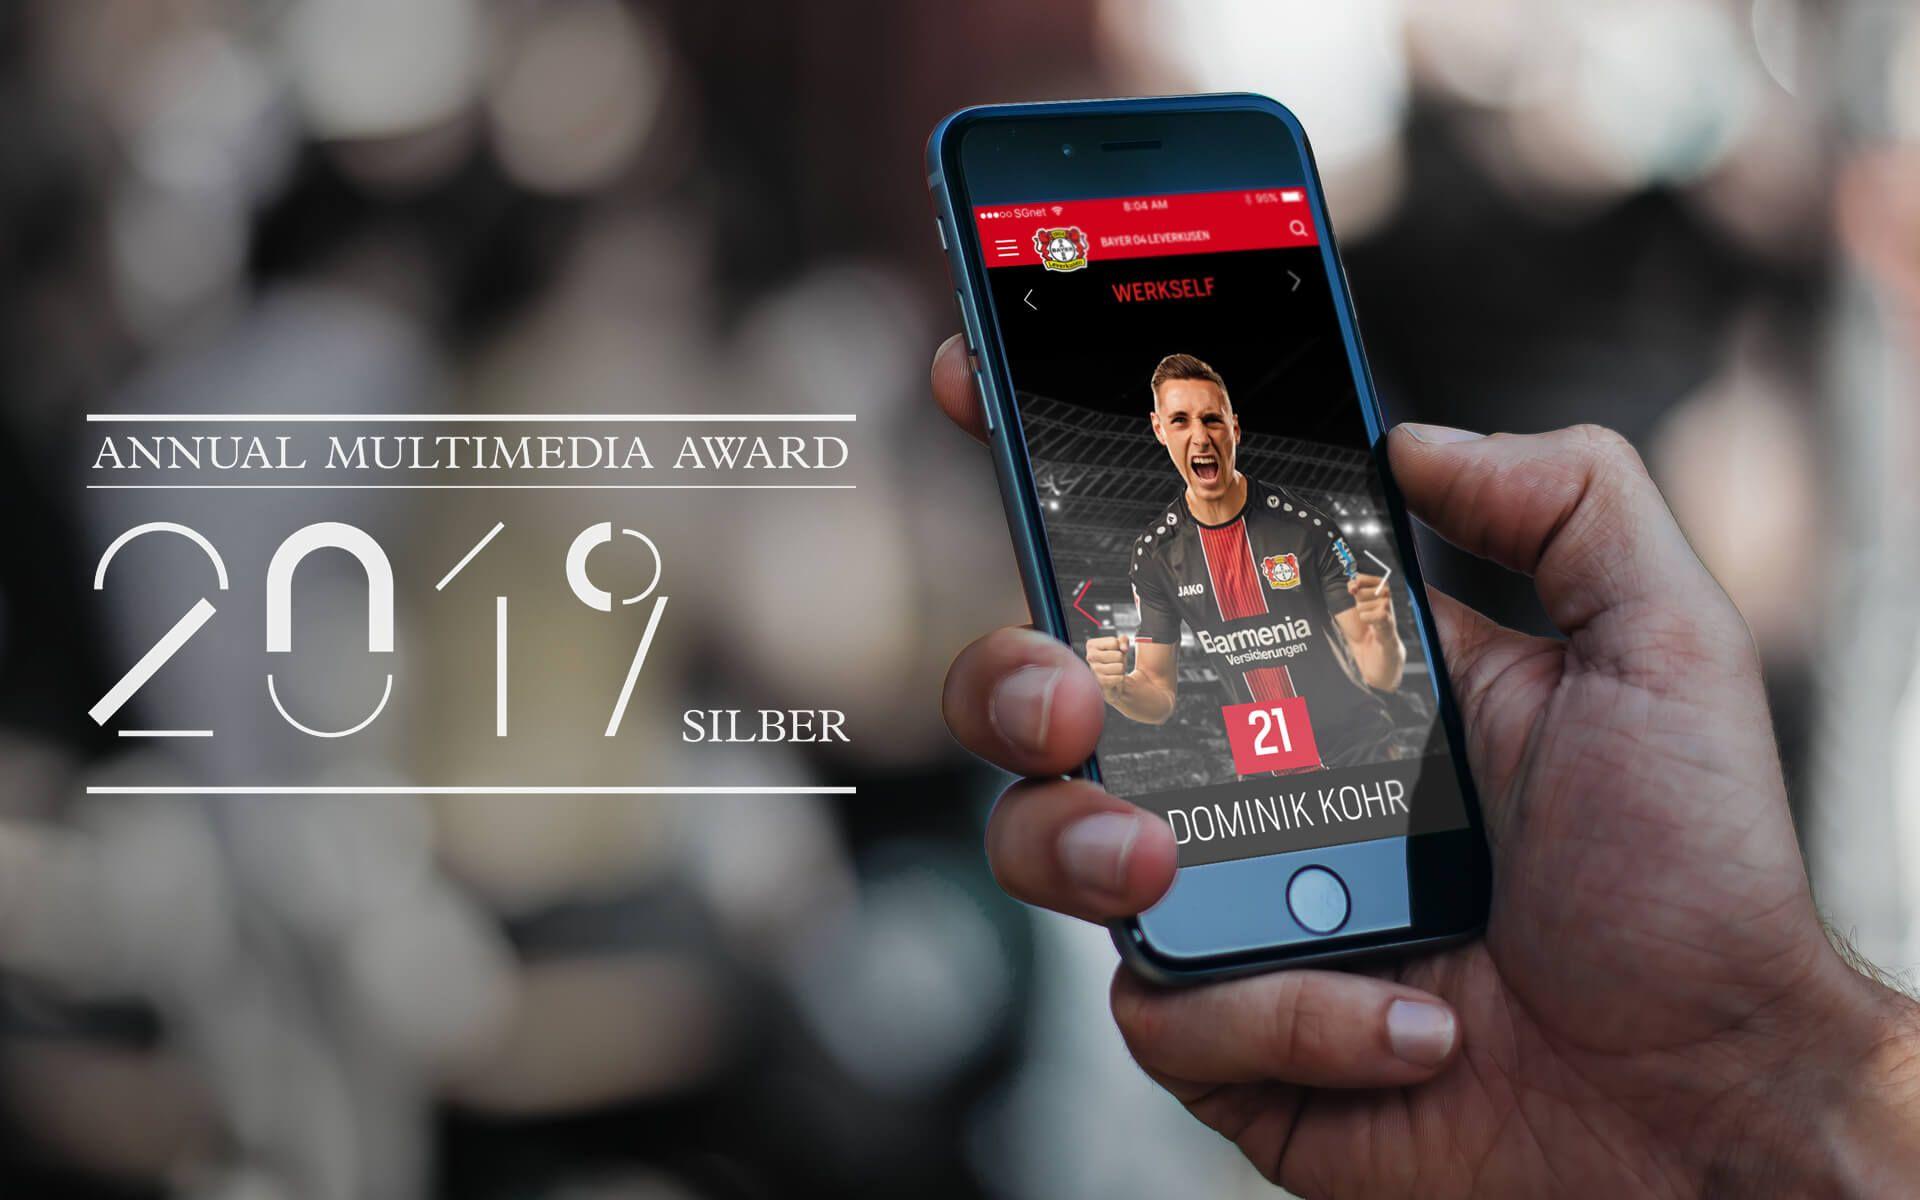 Annual Multimedia Award 2019 für die Gestaltung der Website von Bayer 04 Leverkusen